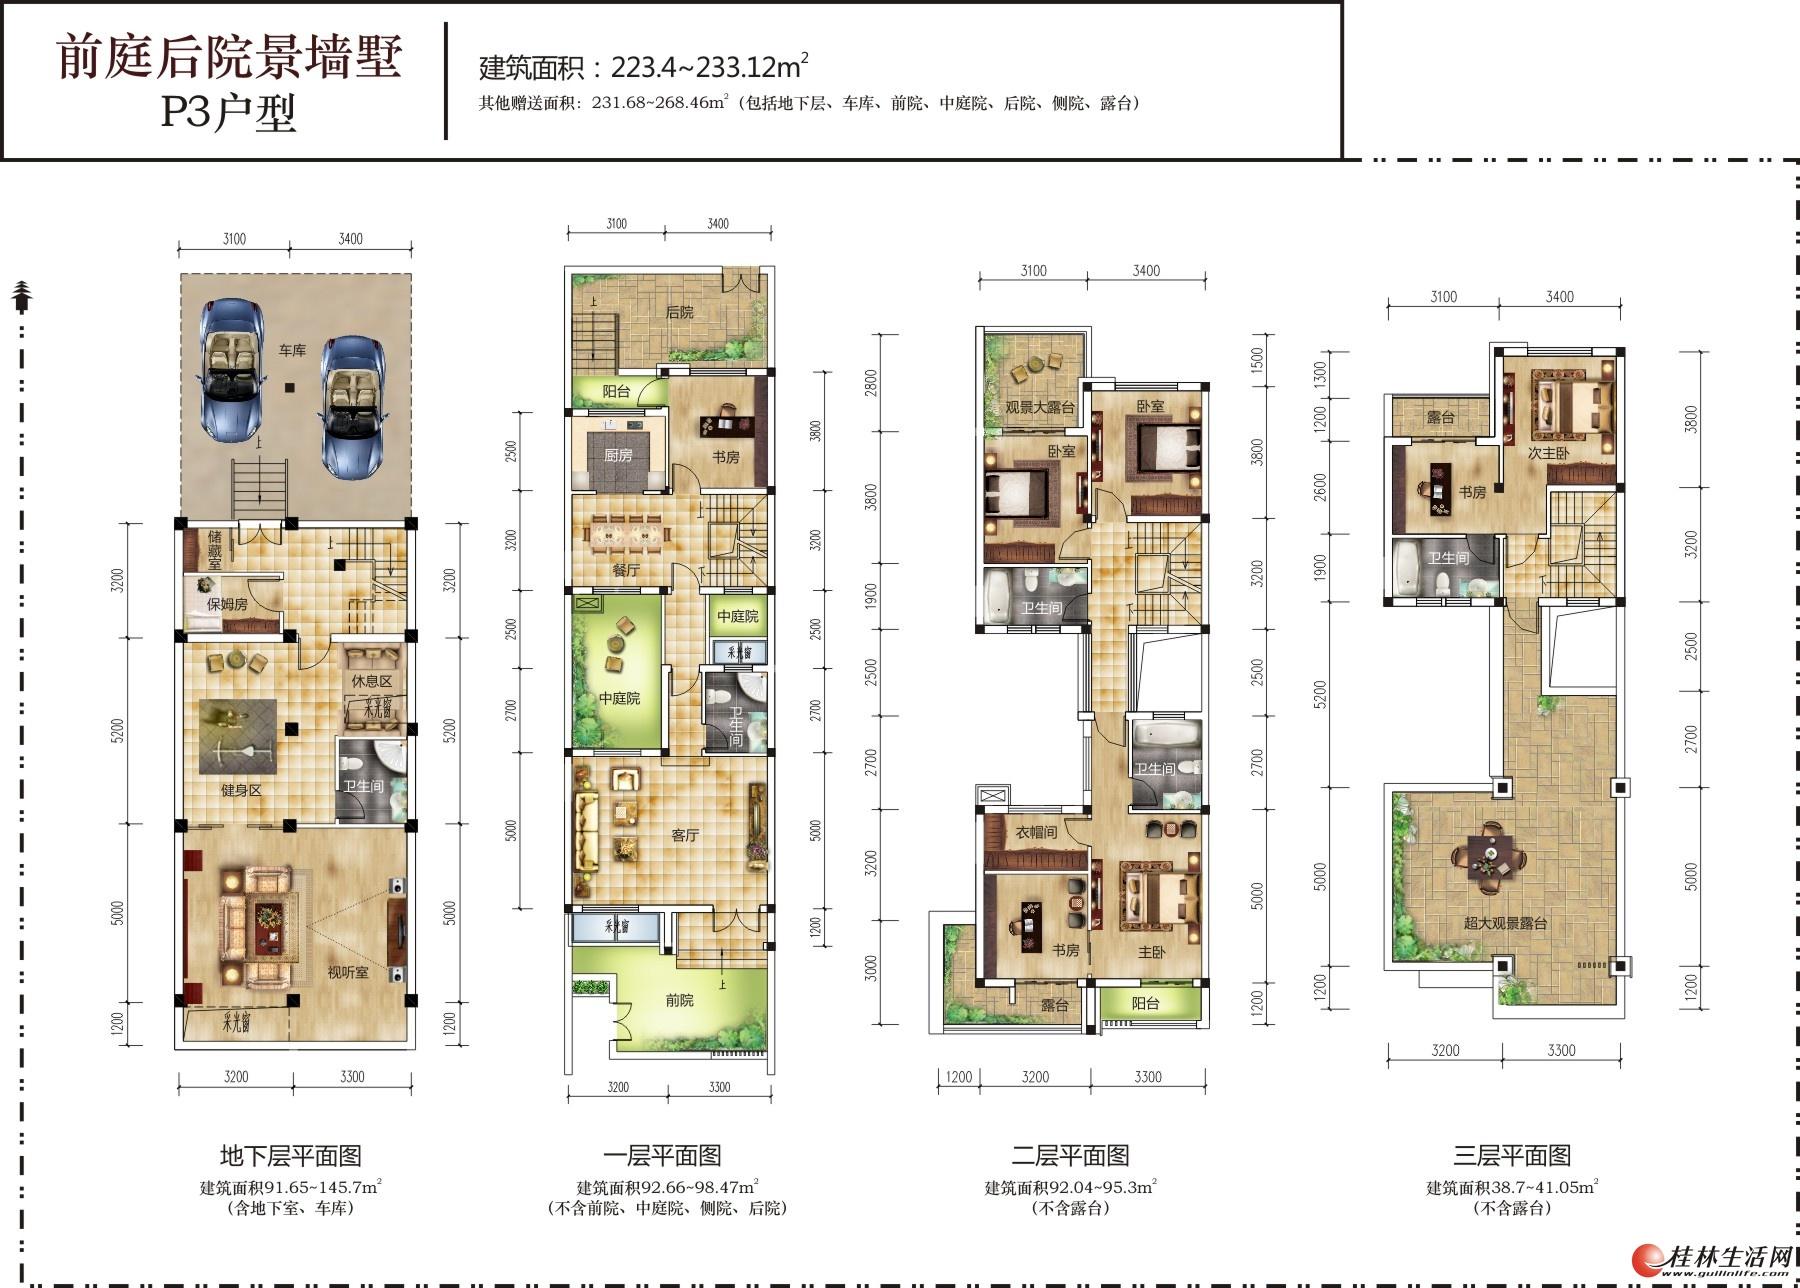 P3户型 前庭后院景墙墅 223.4-233.12㎡